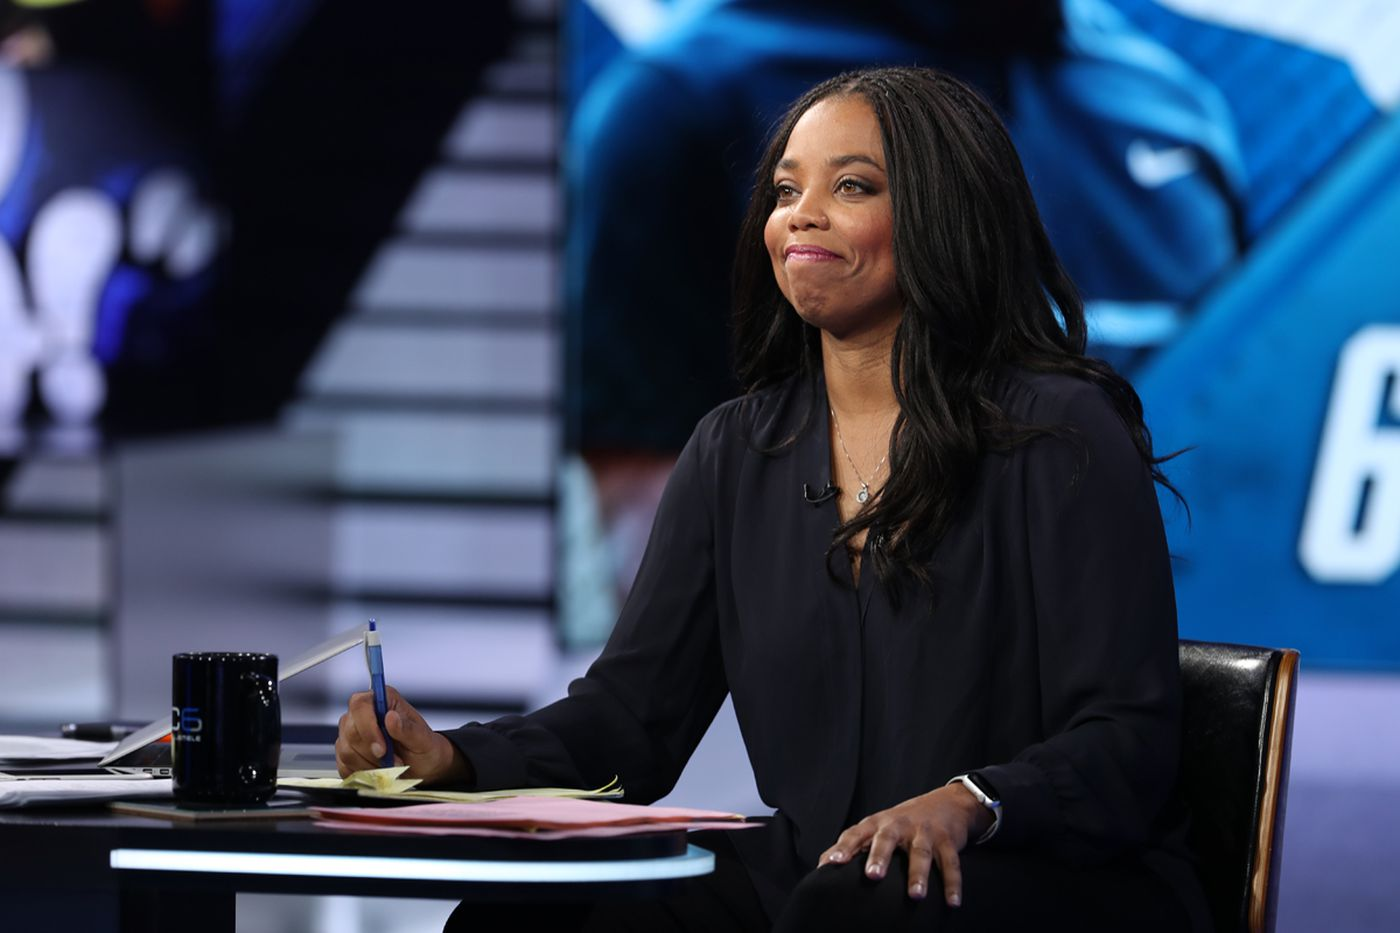 Ex-ESPN reporter Britt McHenry thrilled about Fox News